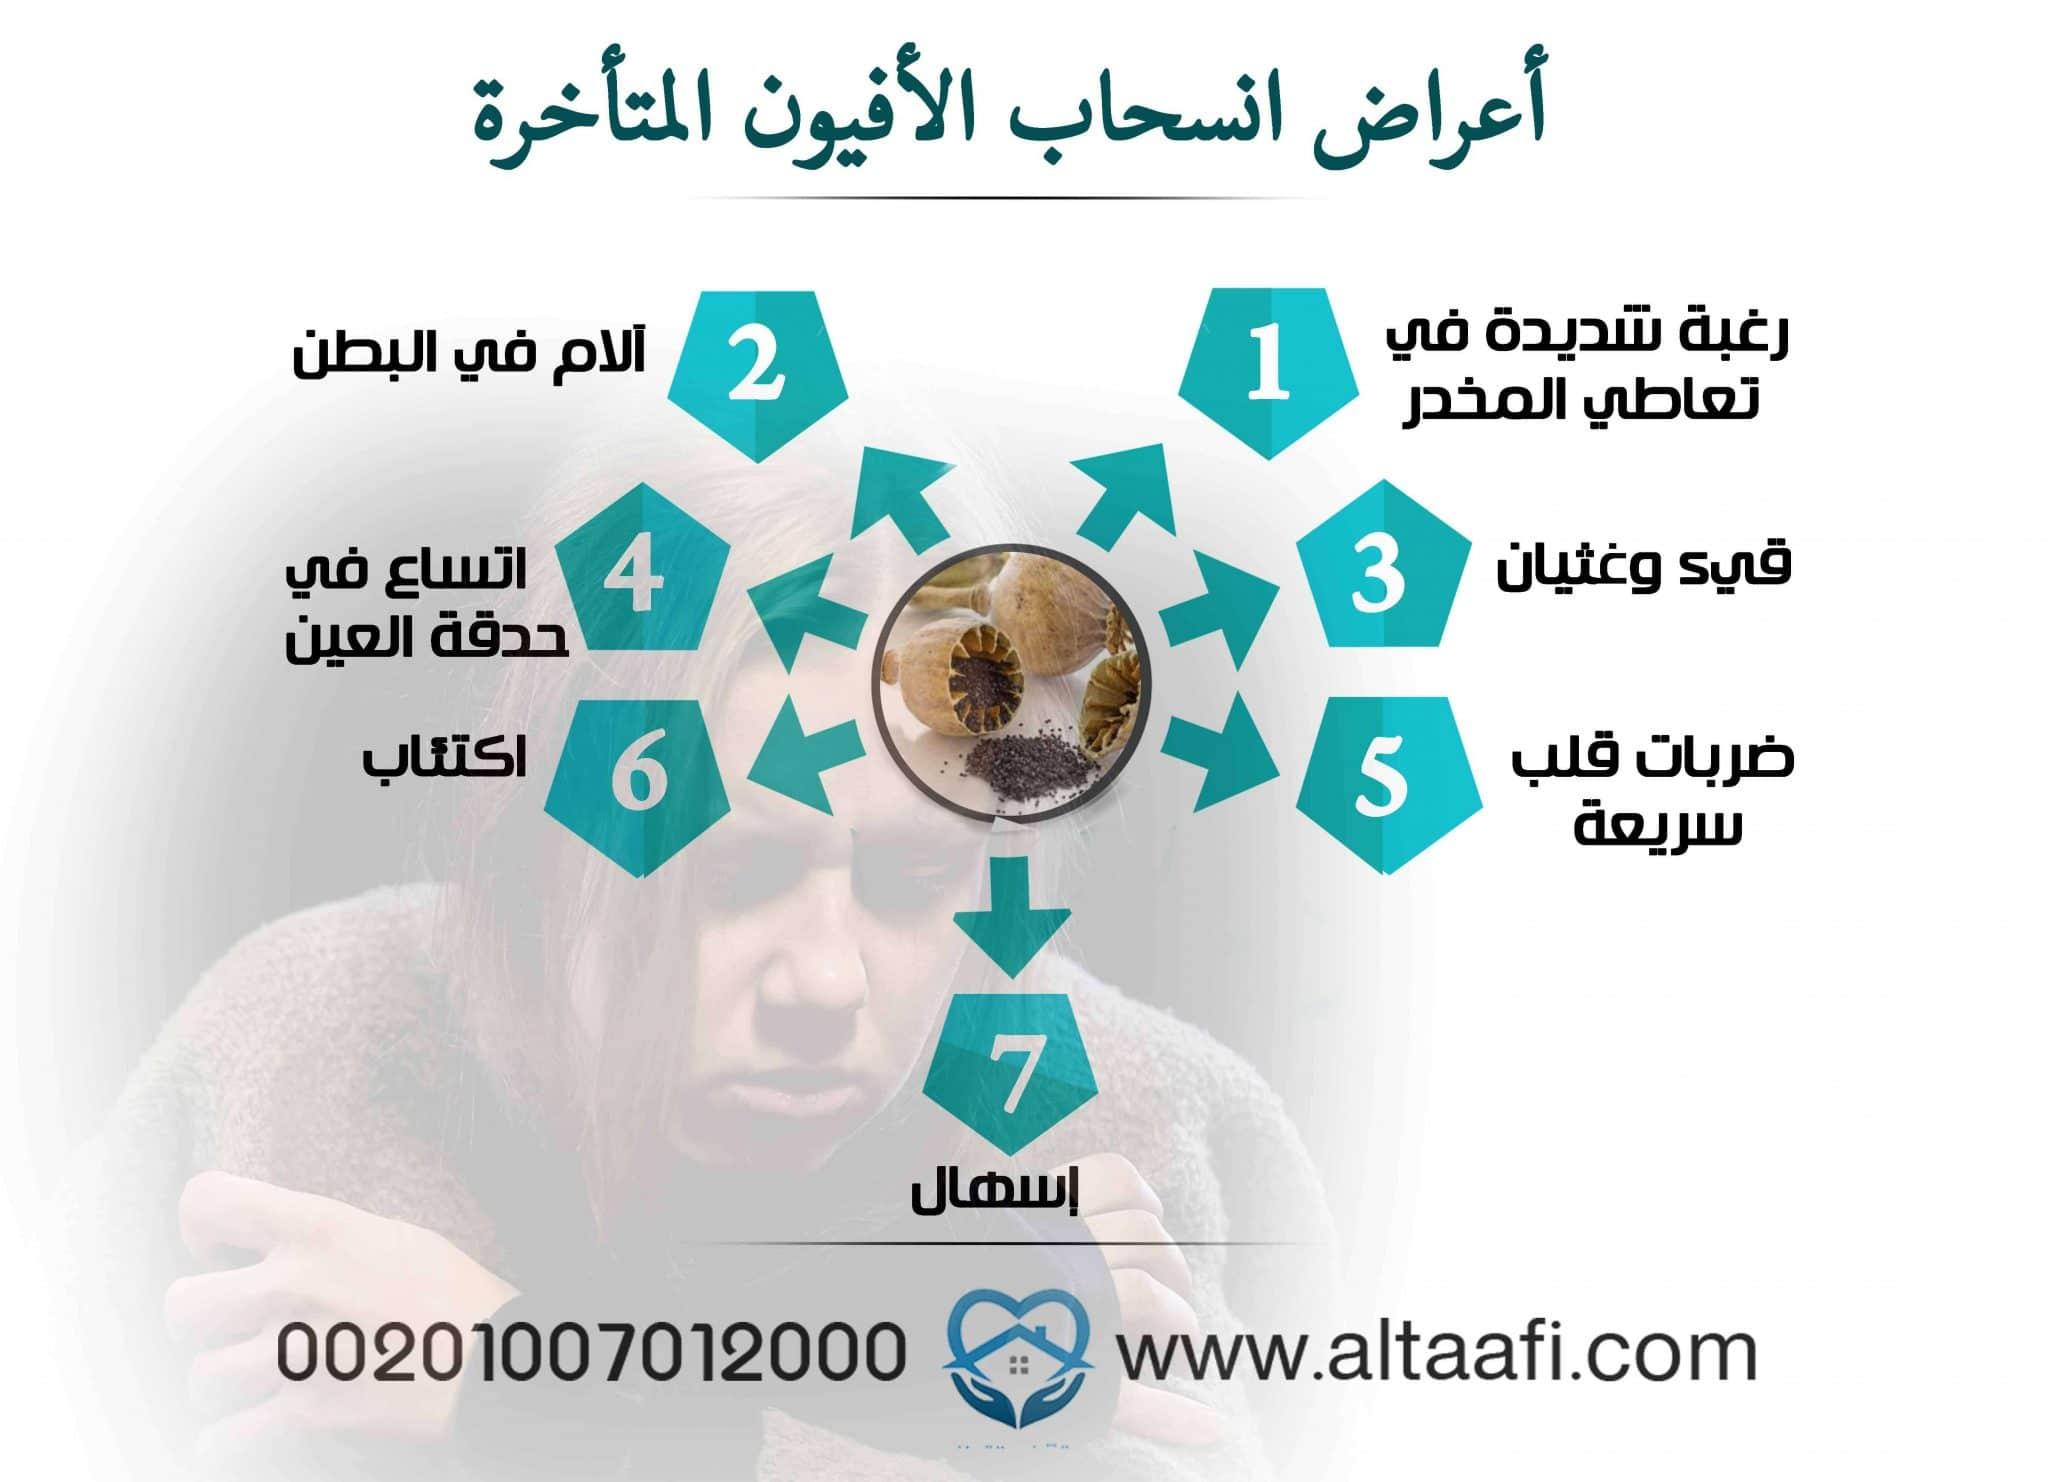 أعراض-انسحاب-الأفيون-المتأخرة (1)